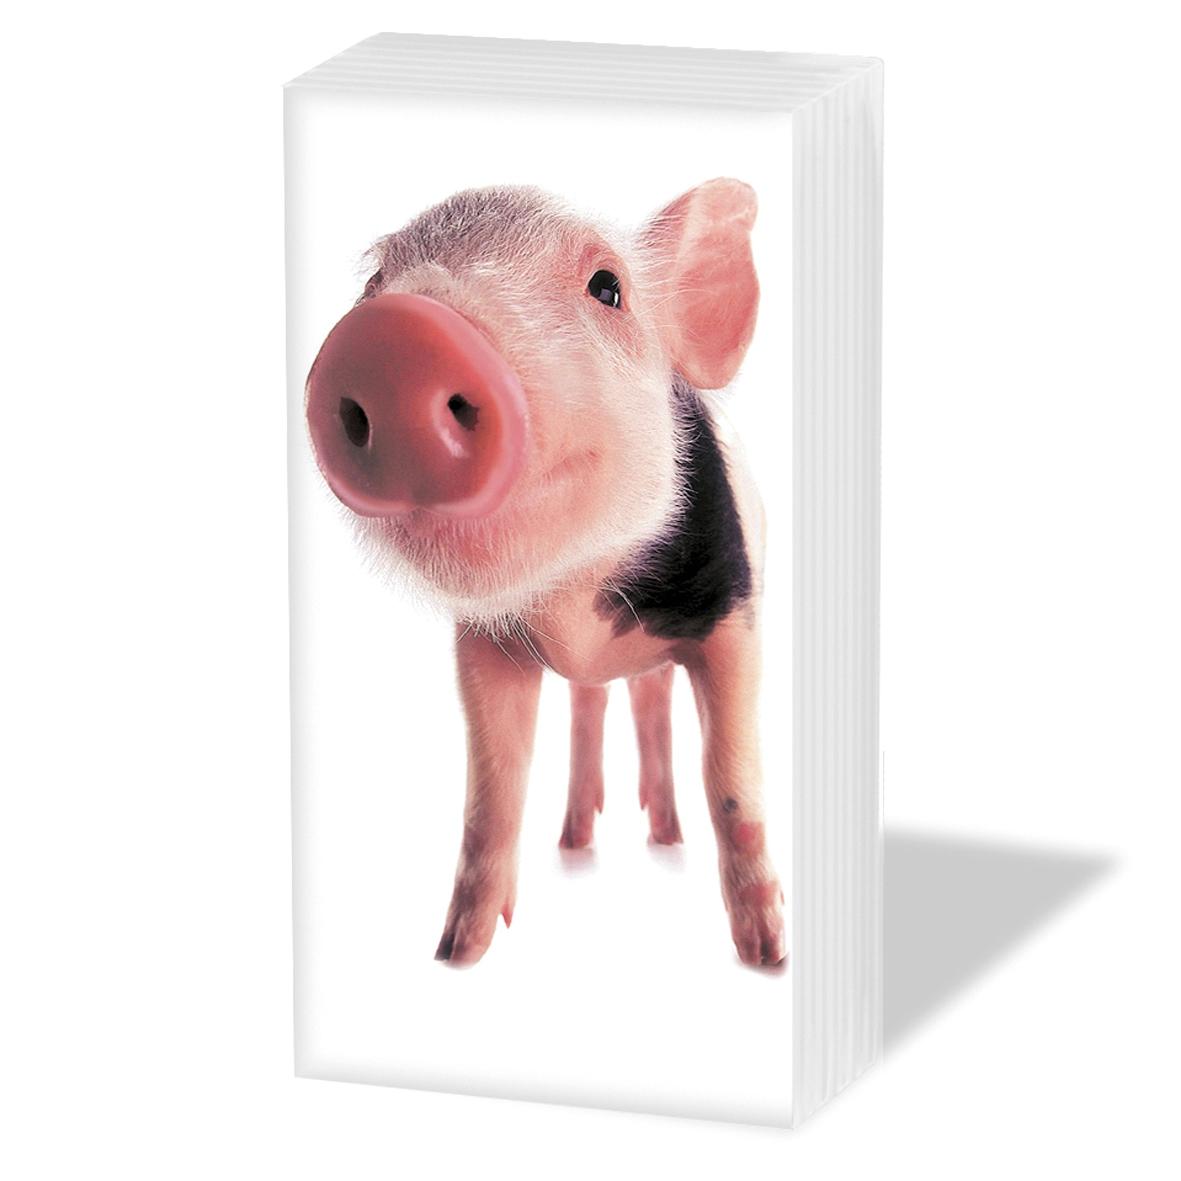 Taschentücher Sammy                              ,  Tiere,  Everyday,  bedruckte papiertaschentücher,  Schwein